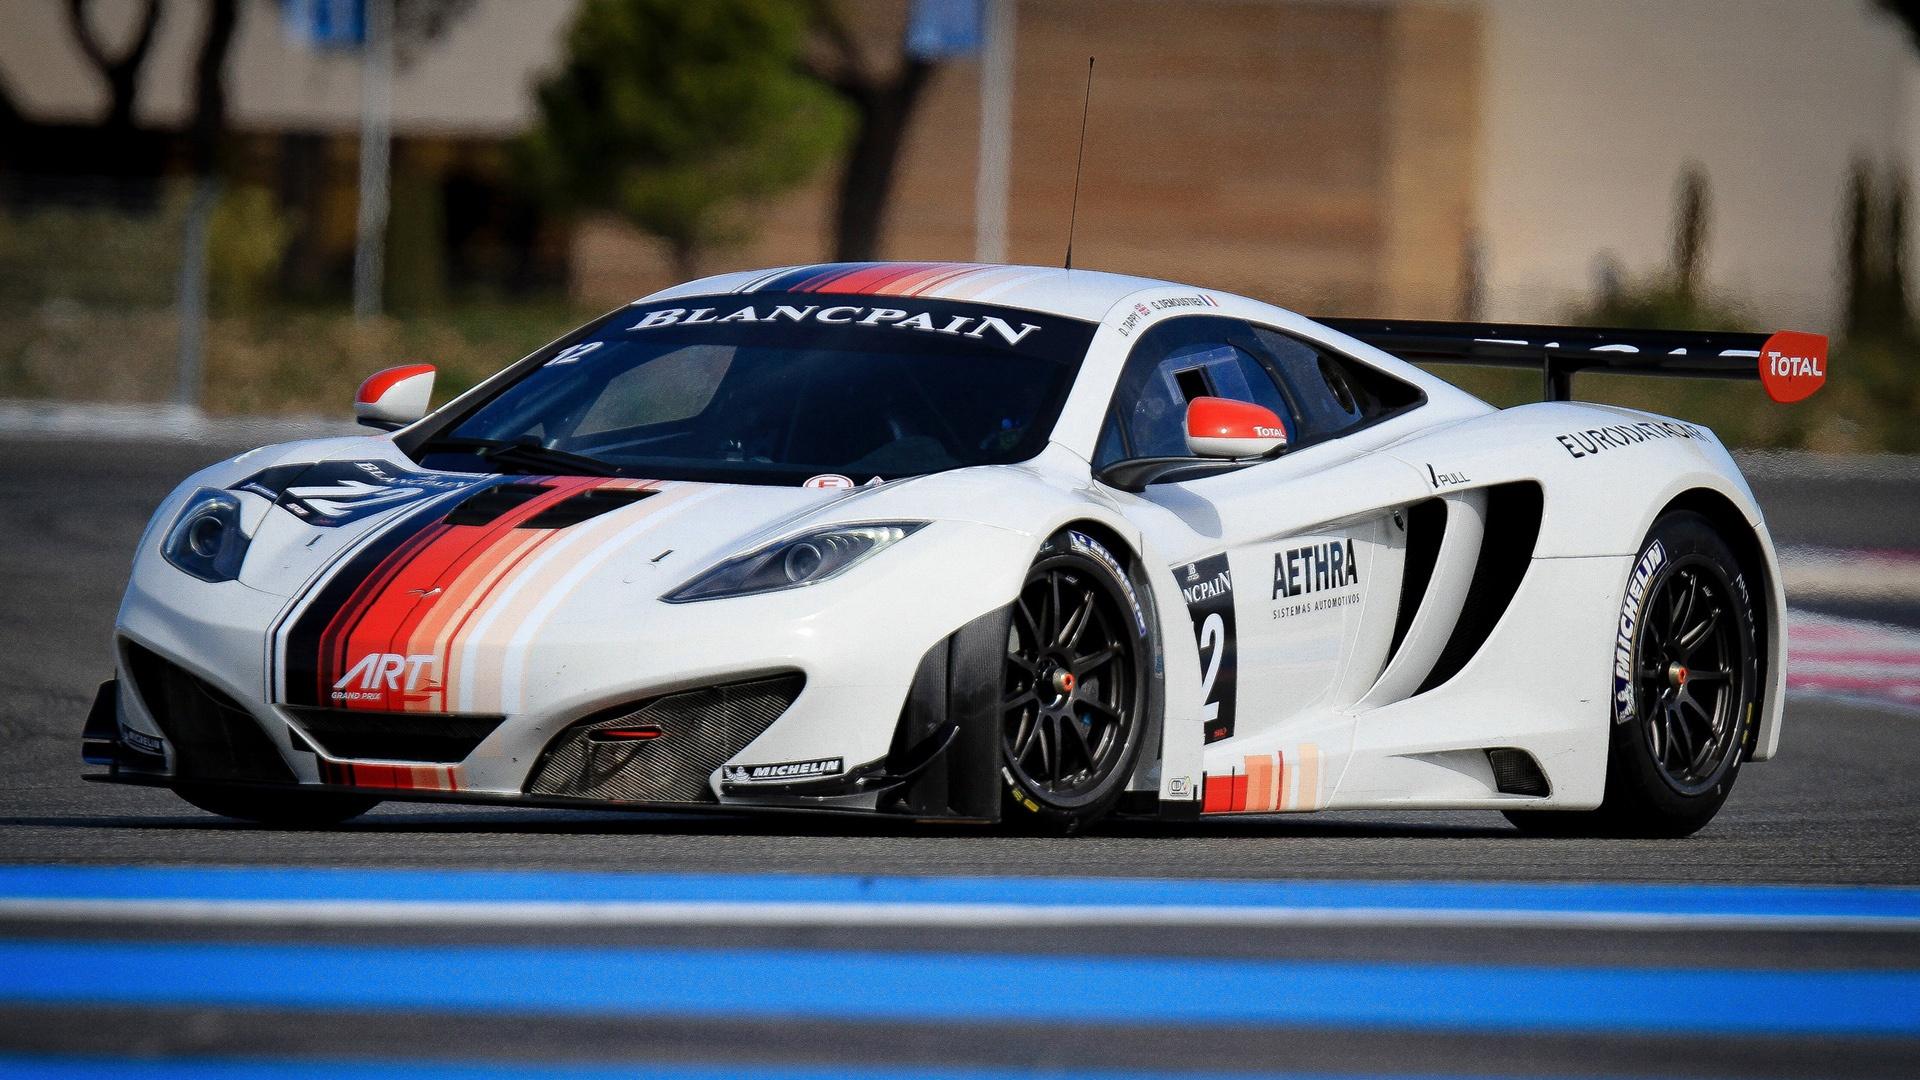 http://4.bp.blogspot.com/-pVUGyK8xfEQ/UNtC05ctiUI/AAAAAAAATPk/IBUGdvwDzgk/s0/White-color-McLaren-MP4-12C-GT3-Supercar-1920x1080.jpg